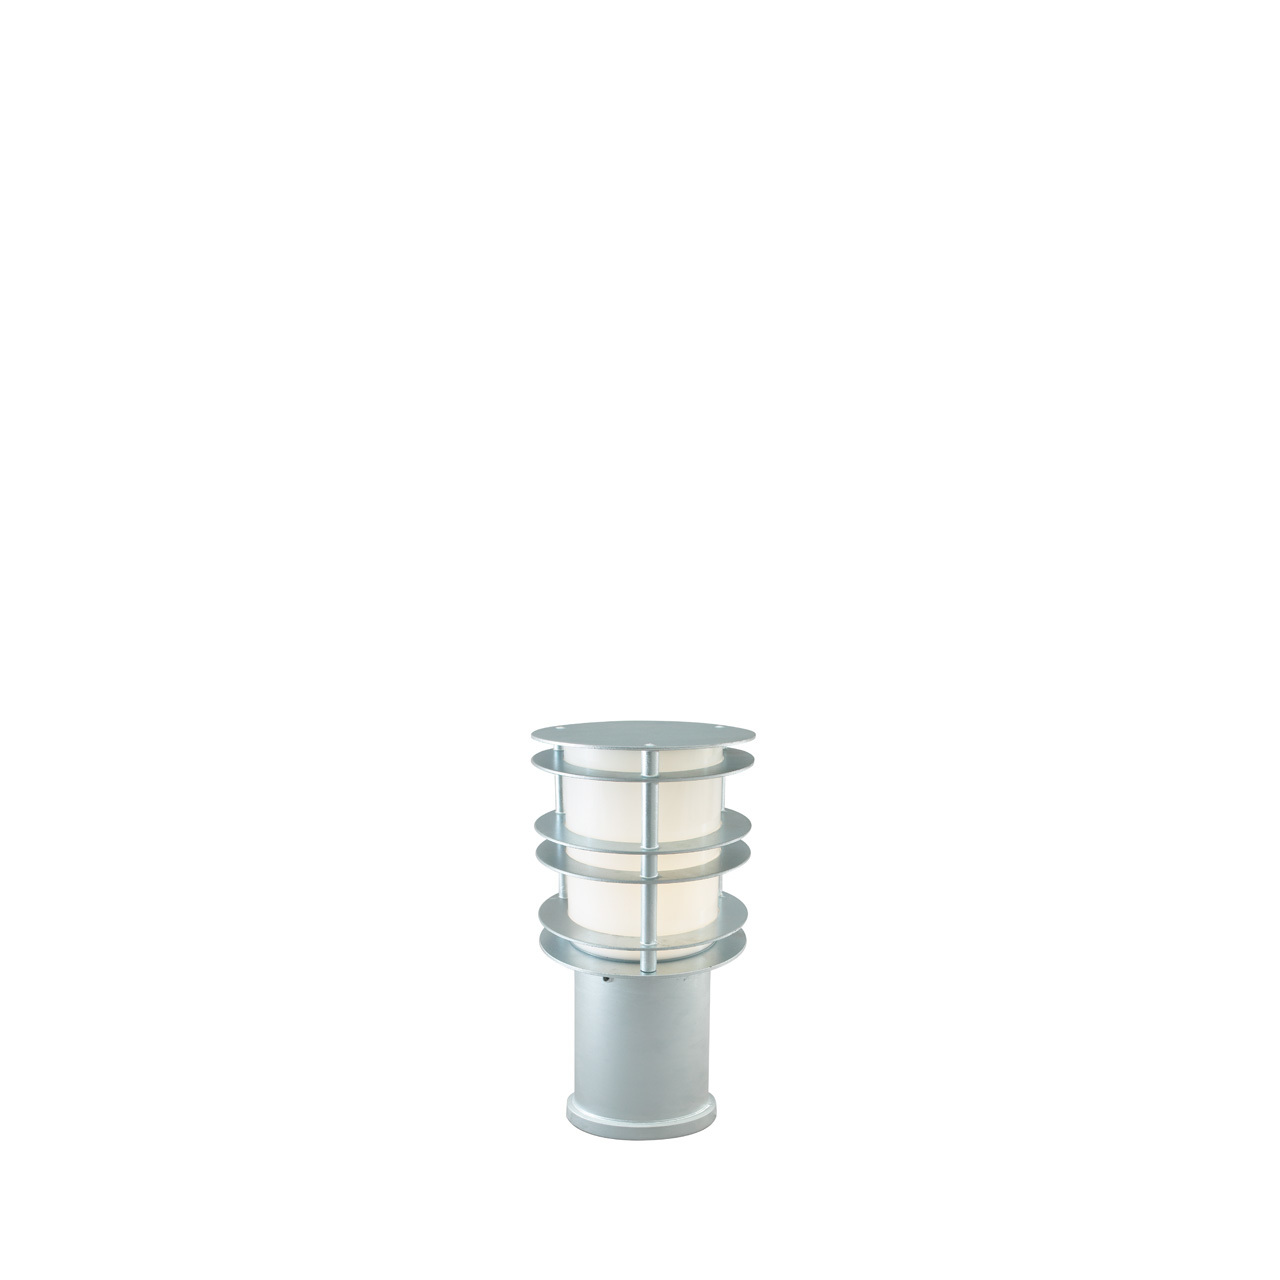 Słupek ogrodowy STOCKHOLM 28CM LED 1268GA -Norlys  SPRAWDŹ RABATY  5-10-15-20 % w koszyku